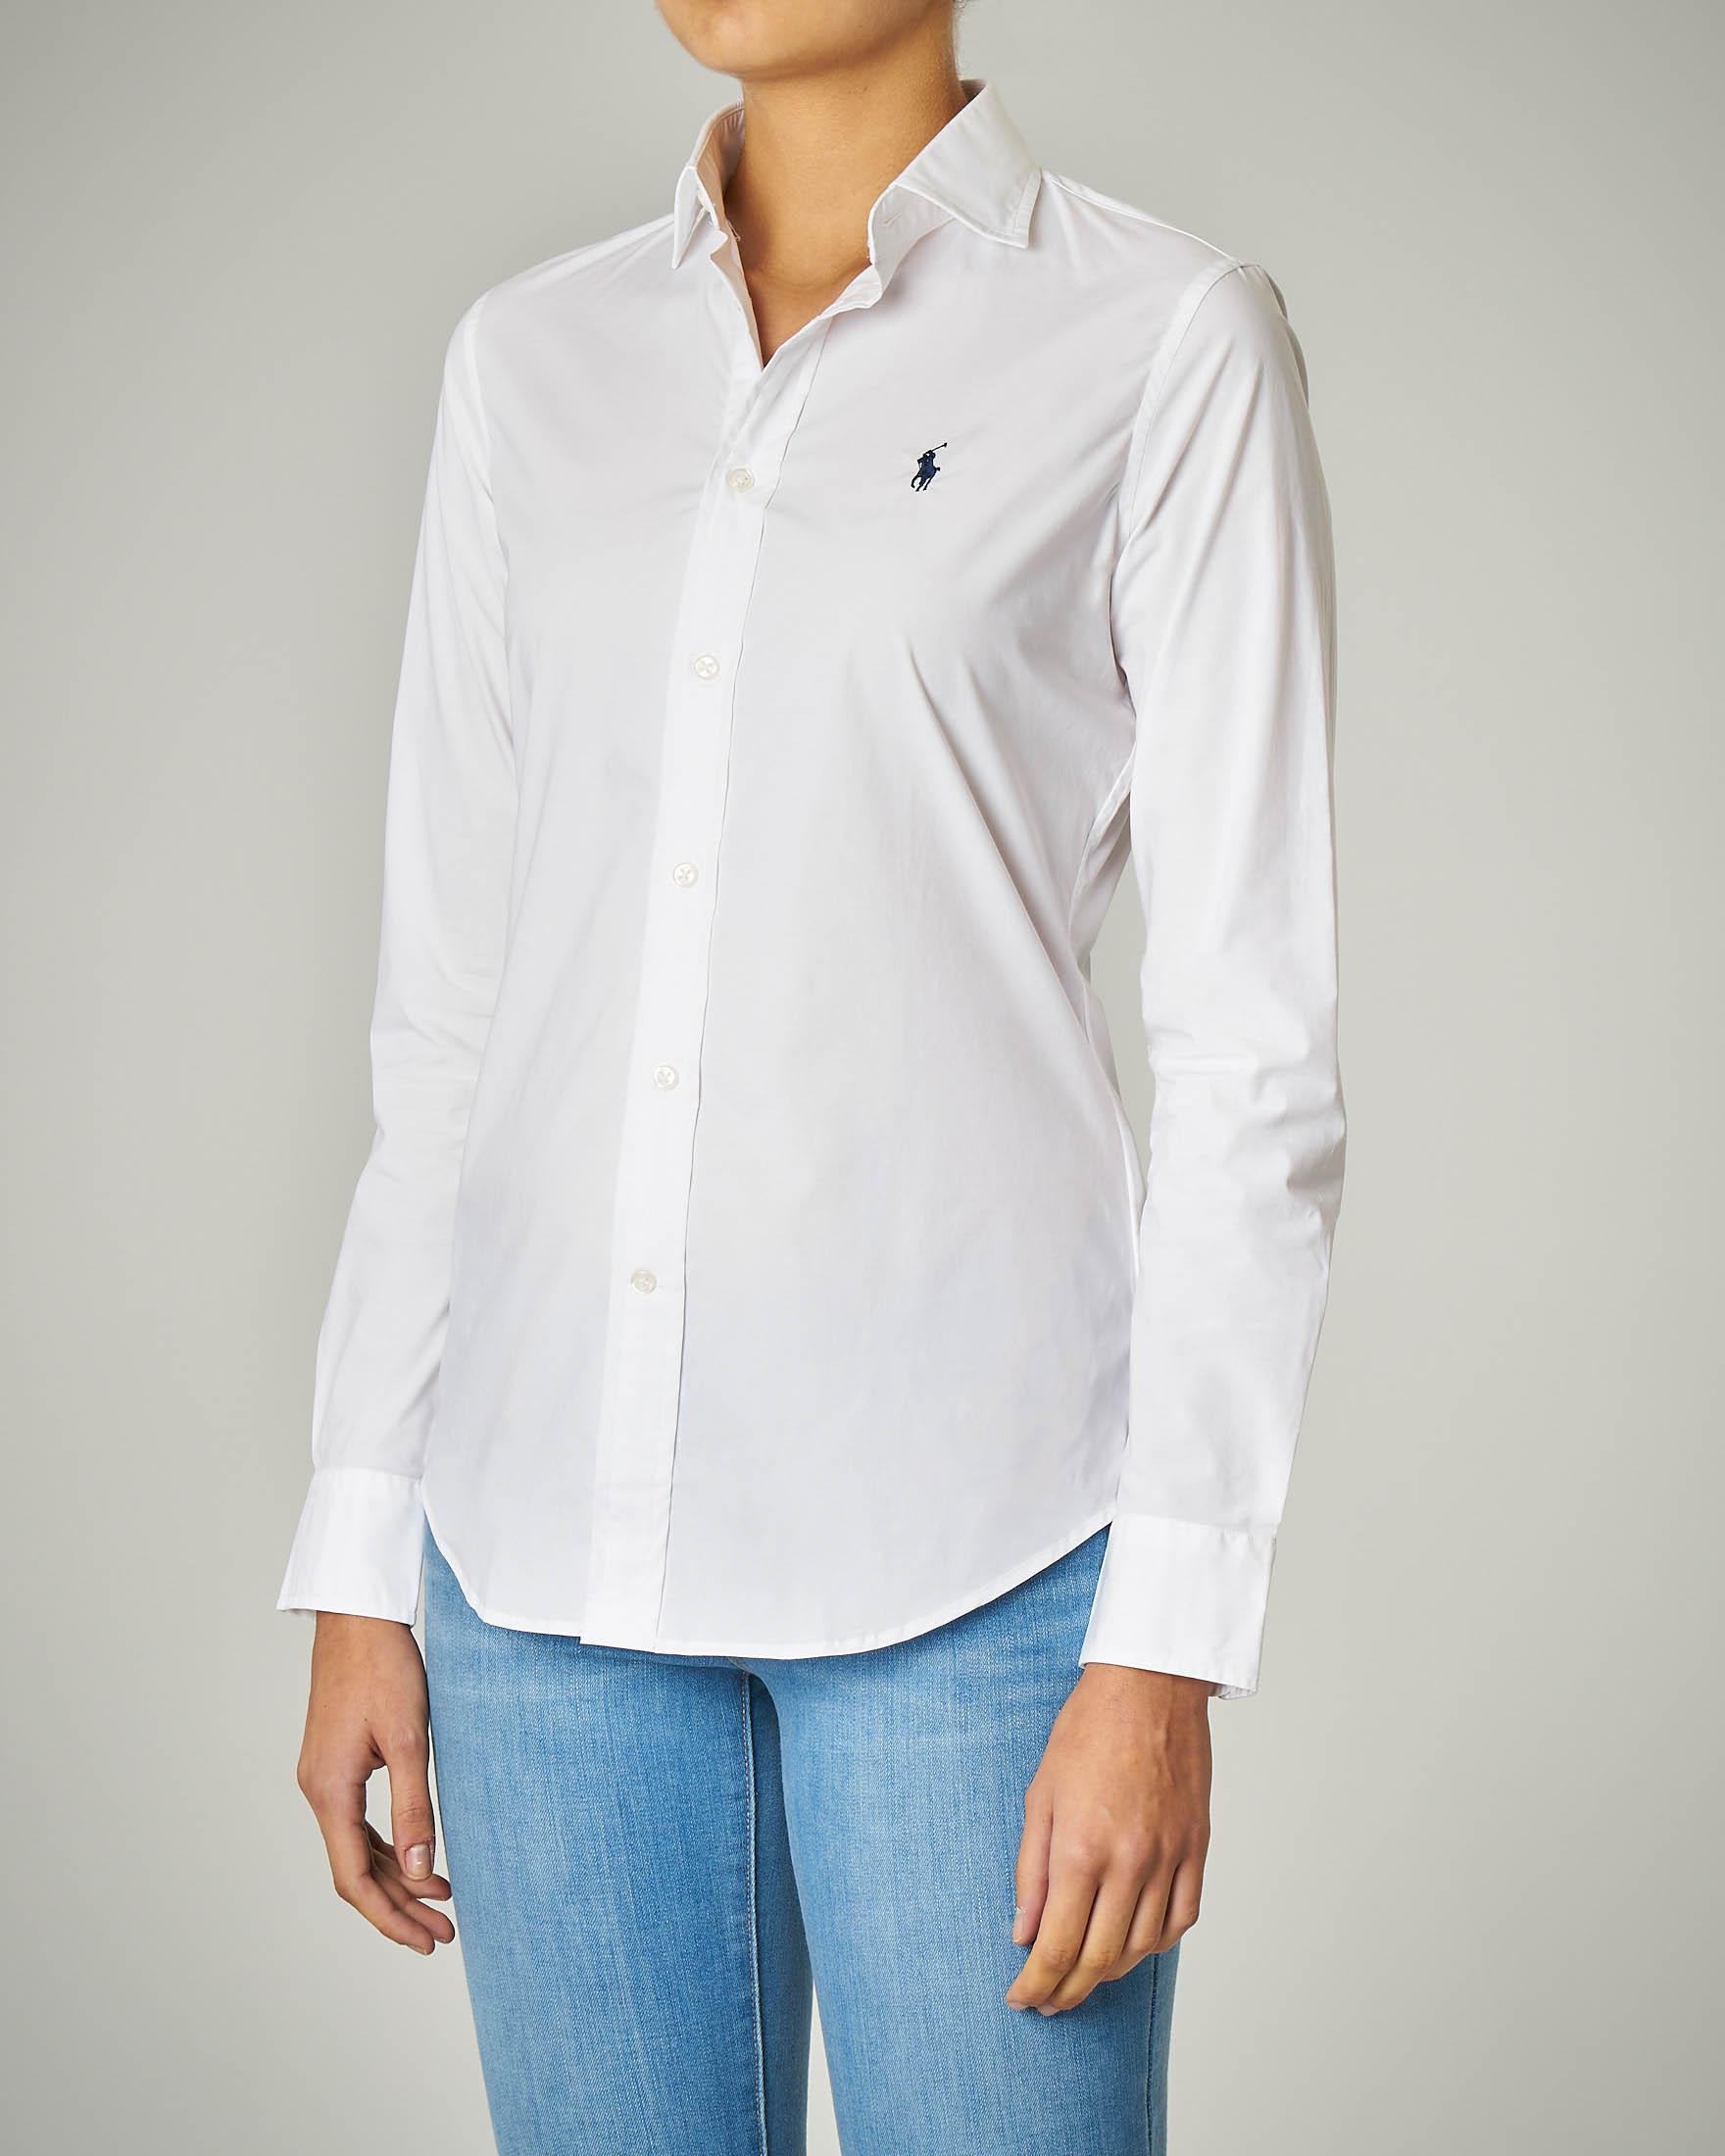 Camicia bianca in cotone con logo